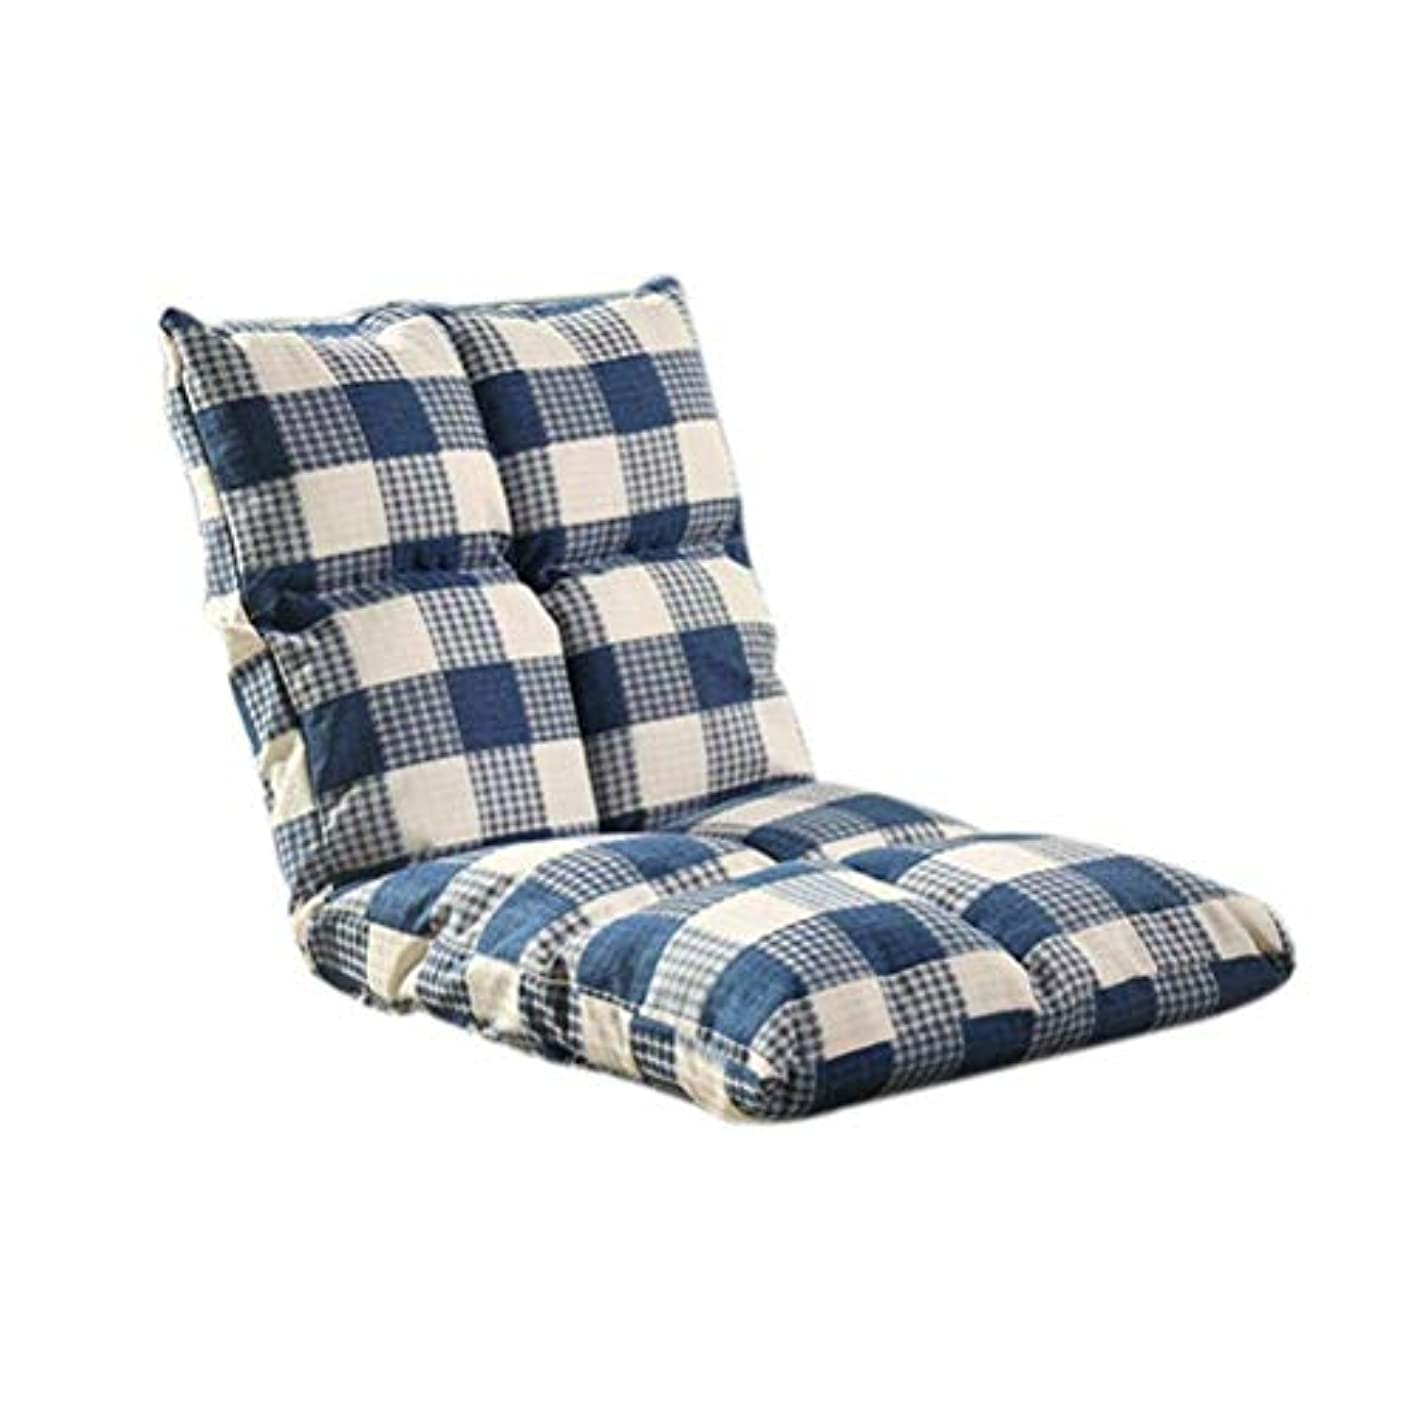 チューリップモック家族瞑想椅子、折りたたみ椅子、調節可能な椅子、畳シングルチェア、背もたれ付きのベッドルームベイウィンドウ日本の椅子、怠zyなソファゲームチェア (Color : 濃紺)